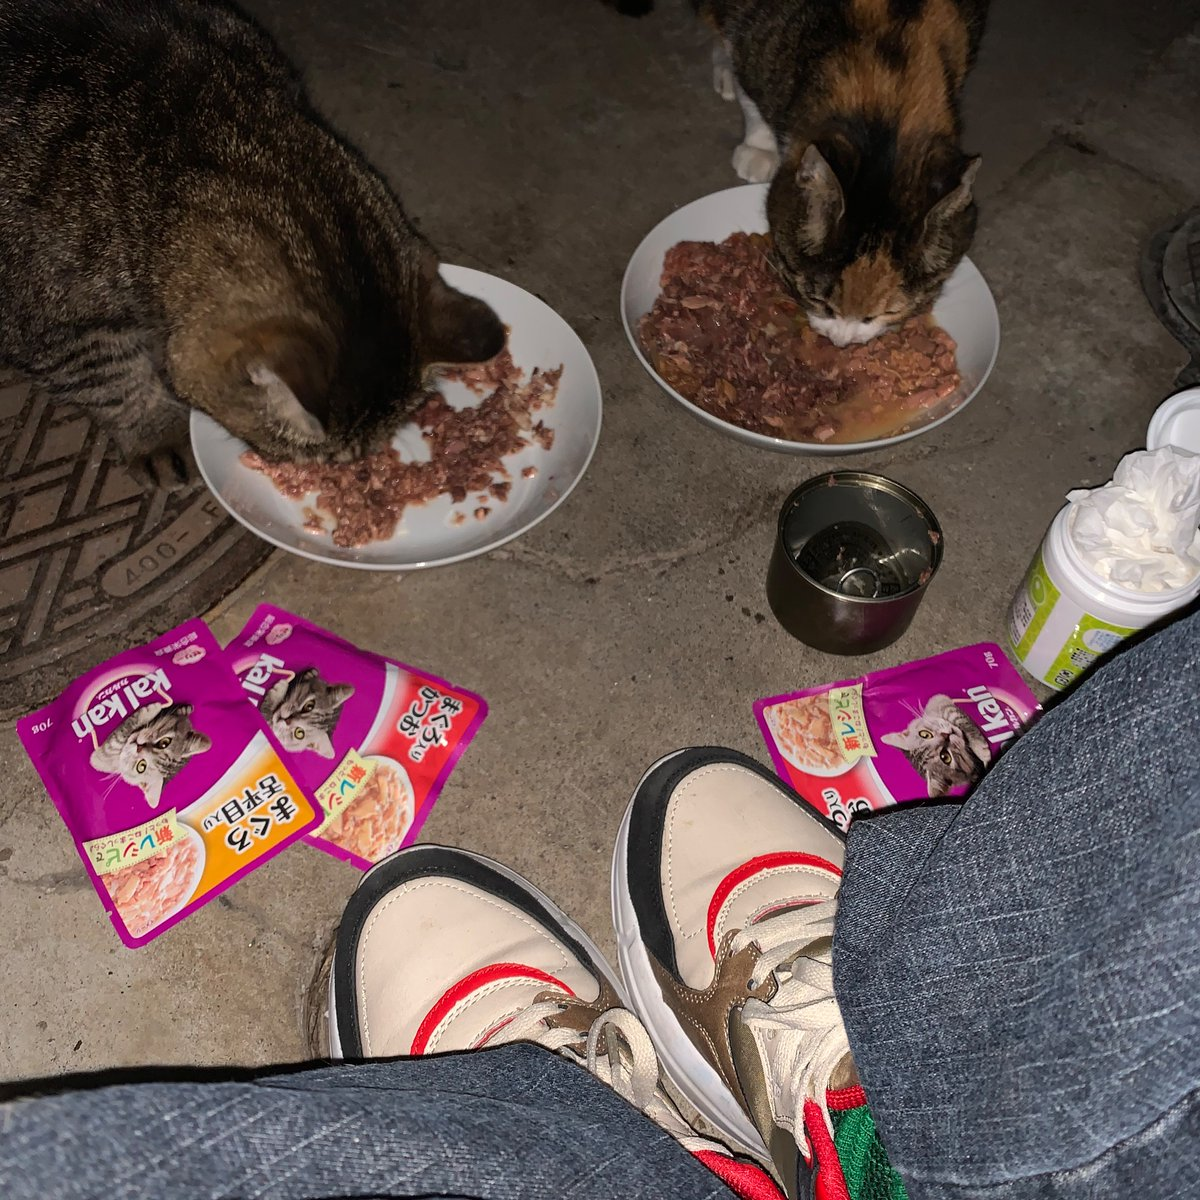 連休2日目アメネコ参上♡東京雨堪え涼しくちょうどイイ◎ミィとコモは食欲あって今夜も元気◎160gの魚正缶と70gのカルカン6P&20gのモンプチ「カリ×2」を ふたりで食べ終え満腹に♡bokuはこれから 帰宅しシャワー  録画ずみ相撲観戦! #猫 #キジトラ #サビ猫 #地域猫 #猫写真 #シンガーソングライター https://t.co/cveX0Rwsn3